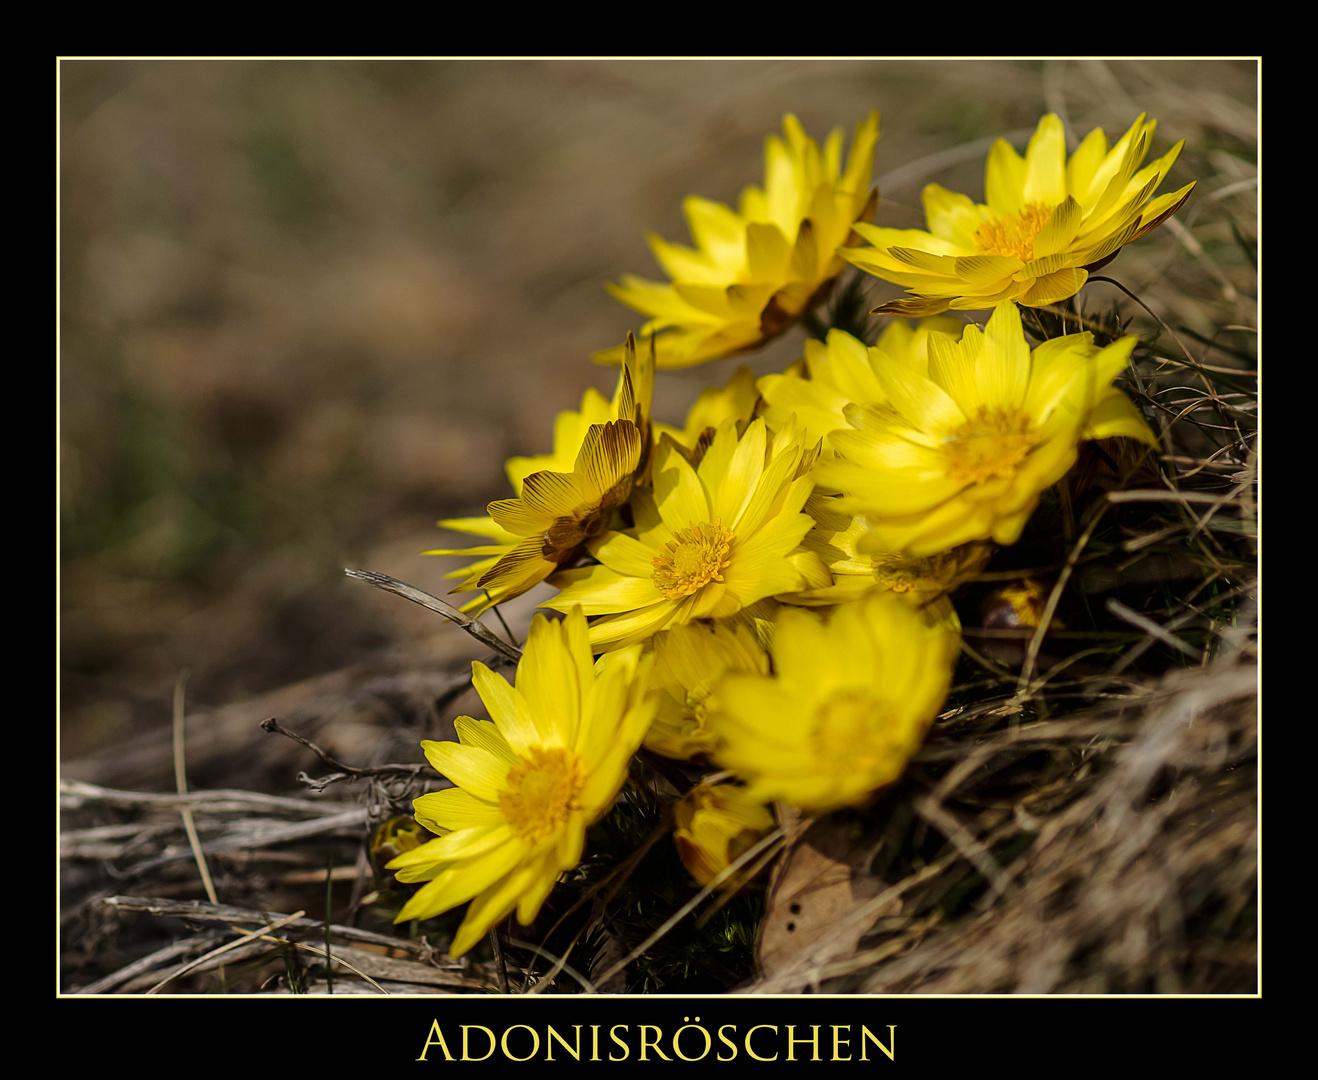 Adonisröschen